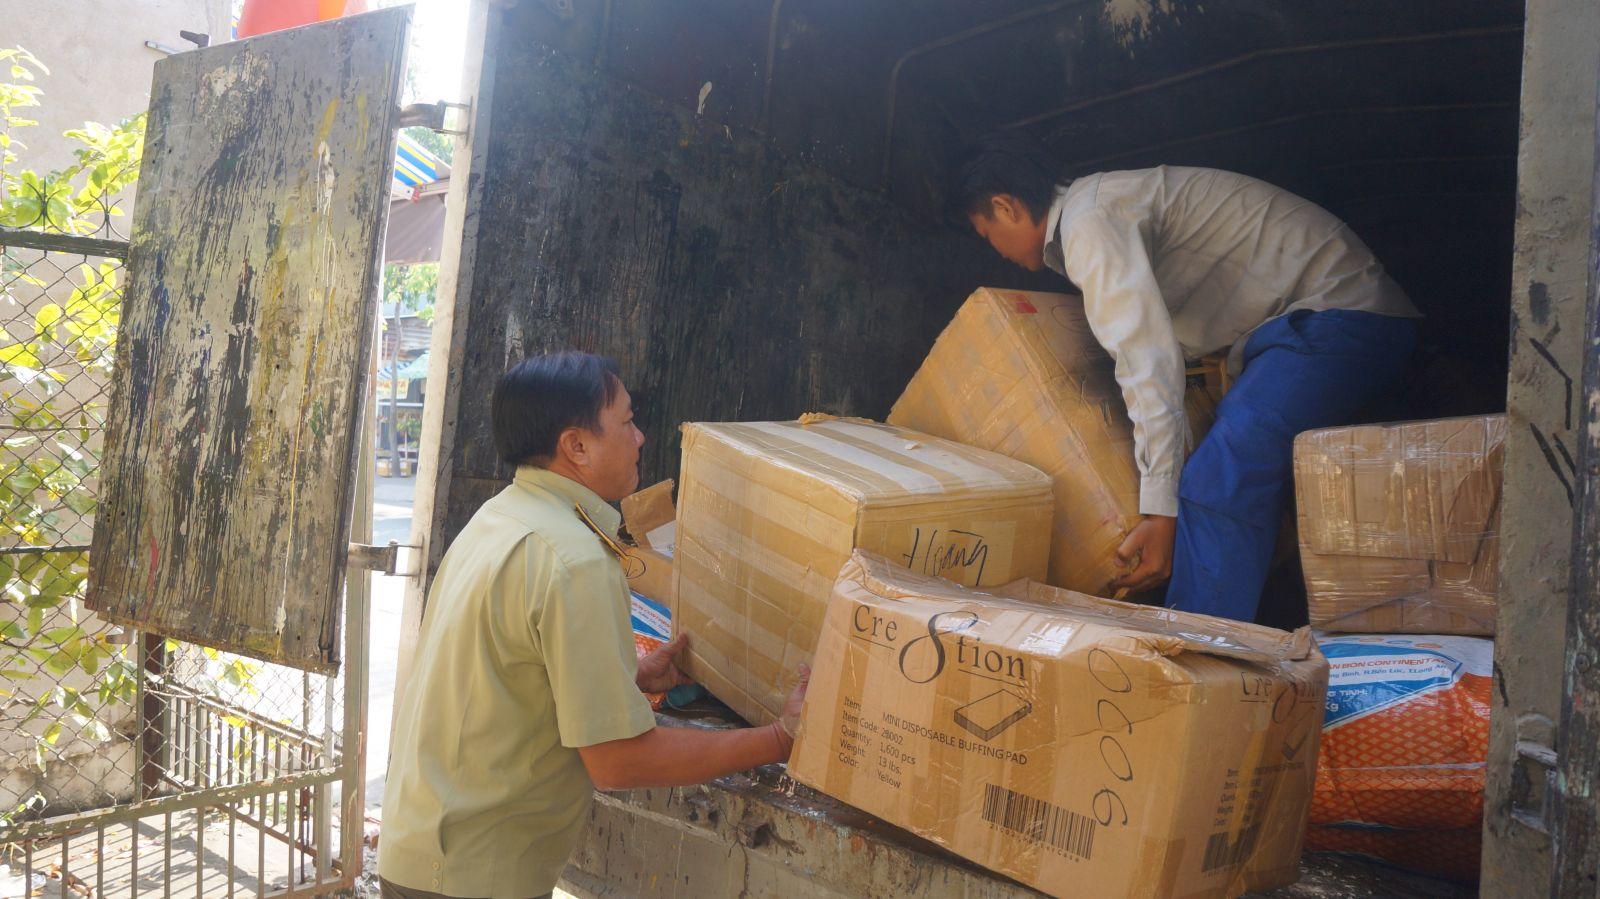 Hàng hóa không rõ nguồn gốc bị tạm giữ